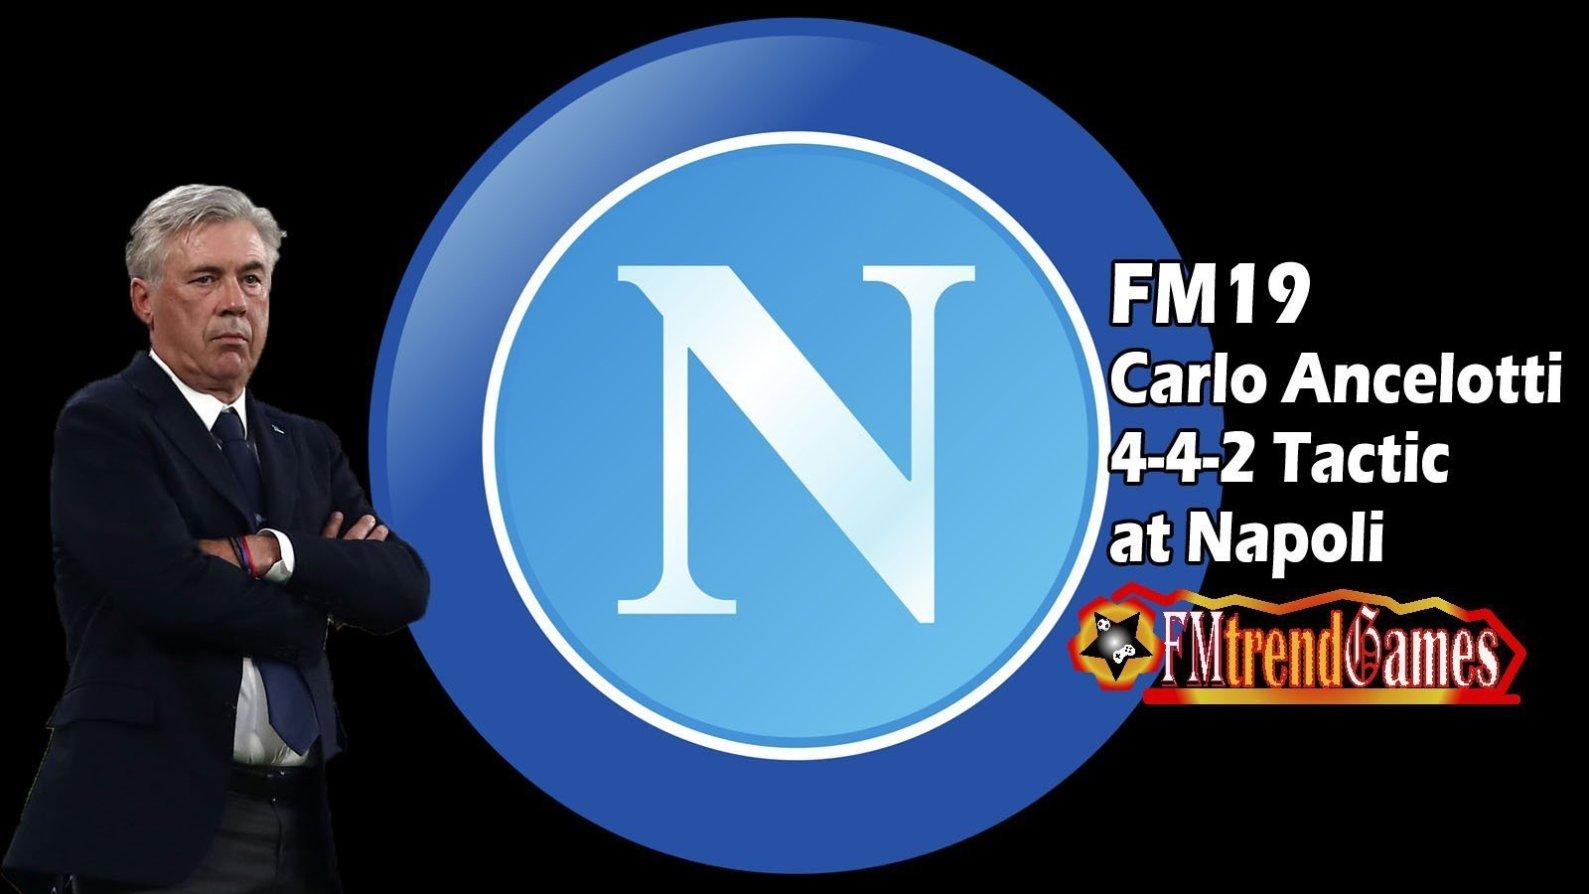 FM19 Carlo Ancelotti 4-4-2 Tactic at Napoli | FMtrendGames